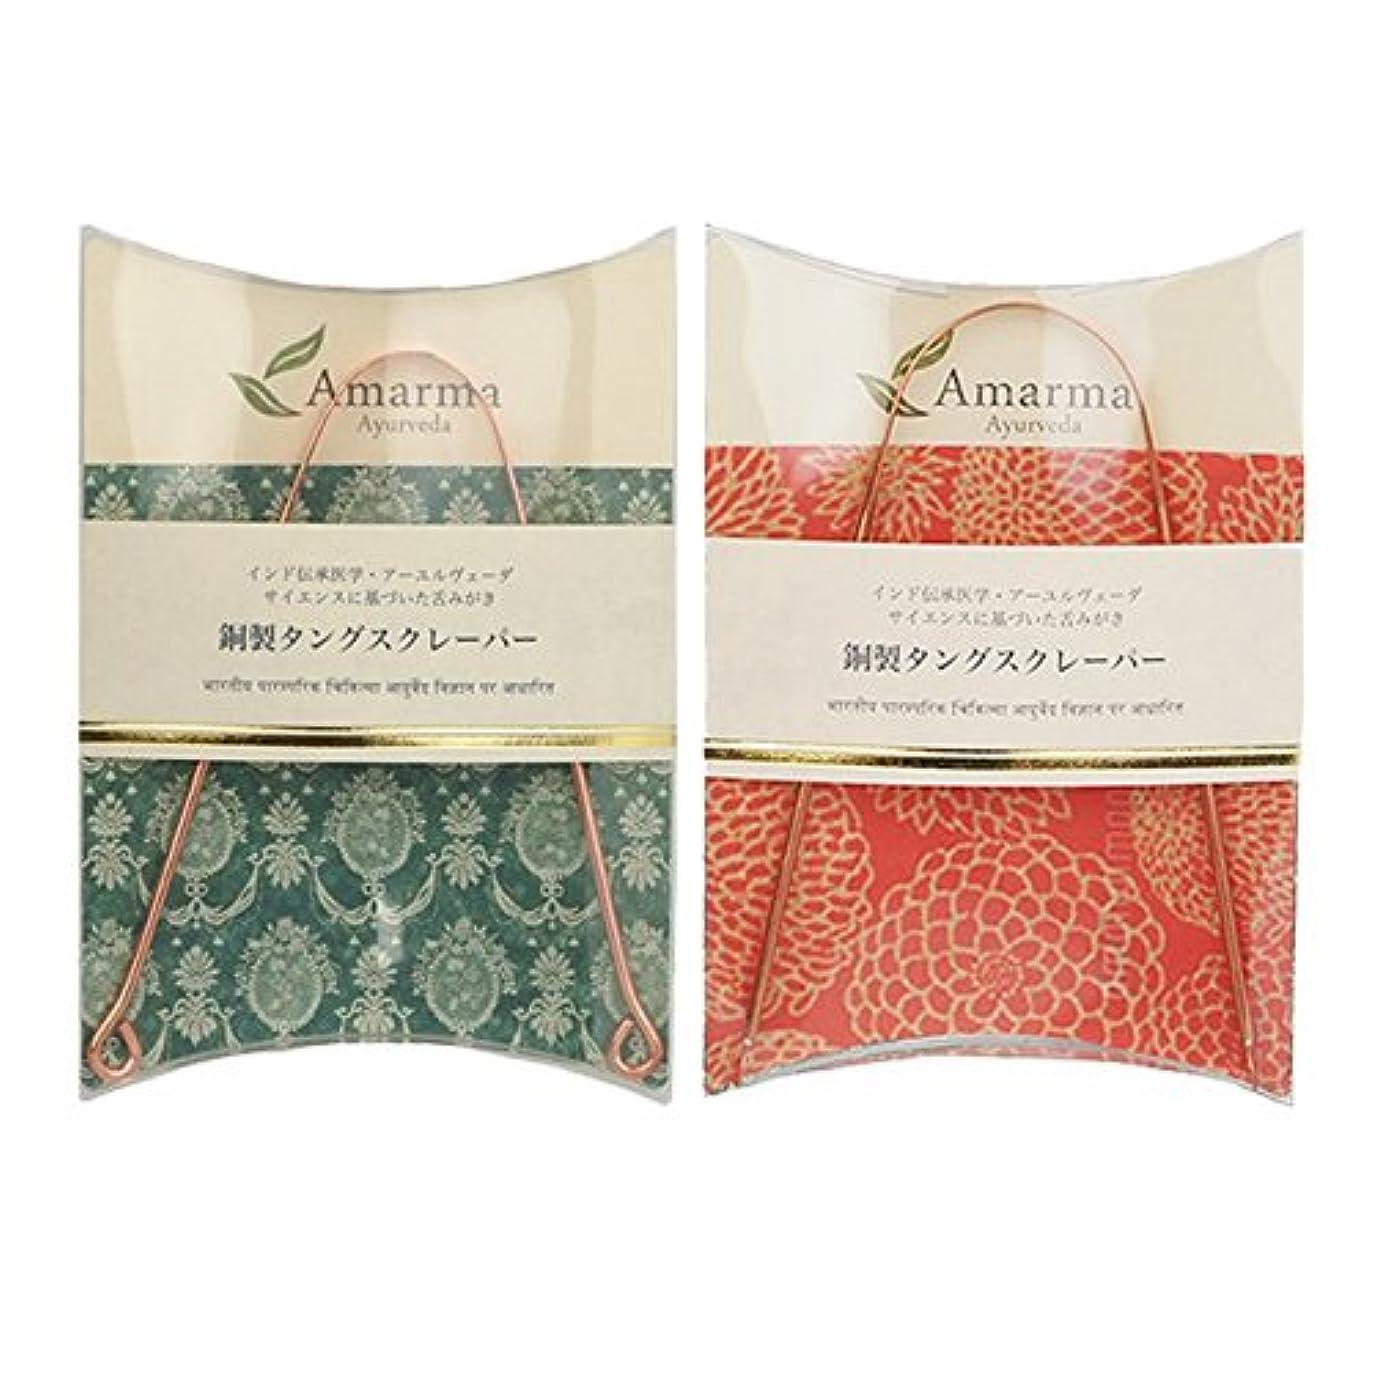 銅製タングスクレーパー(舌みがき) インド製+日本製 2個セット